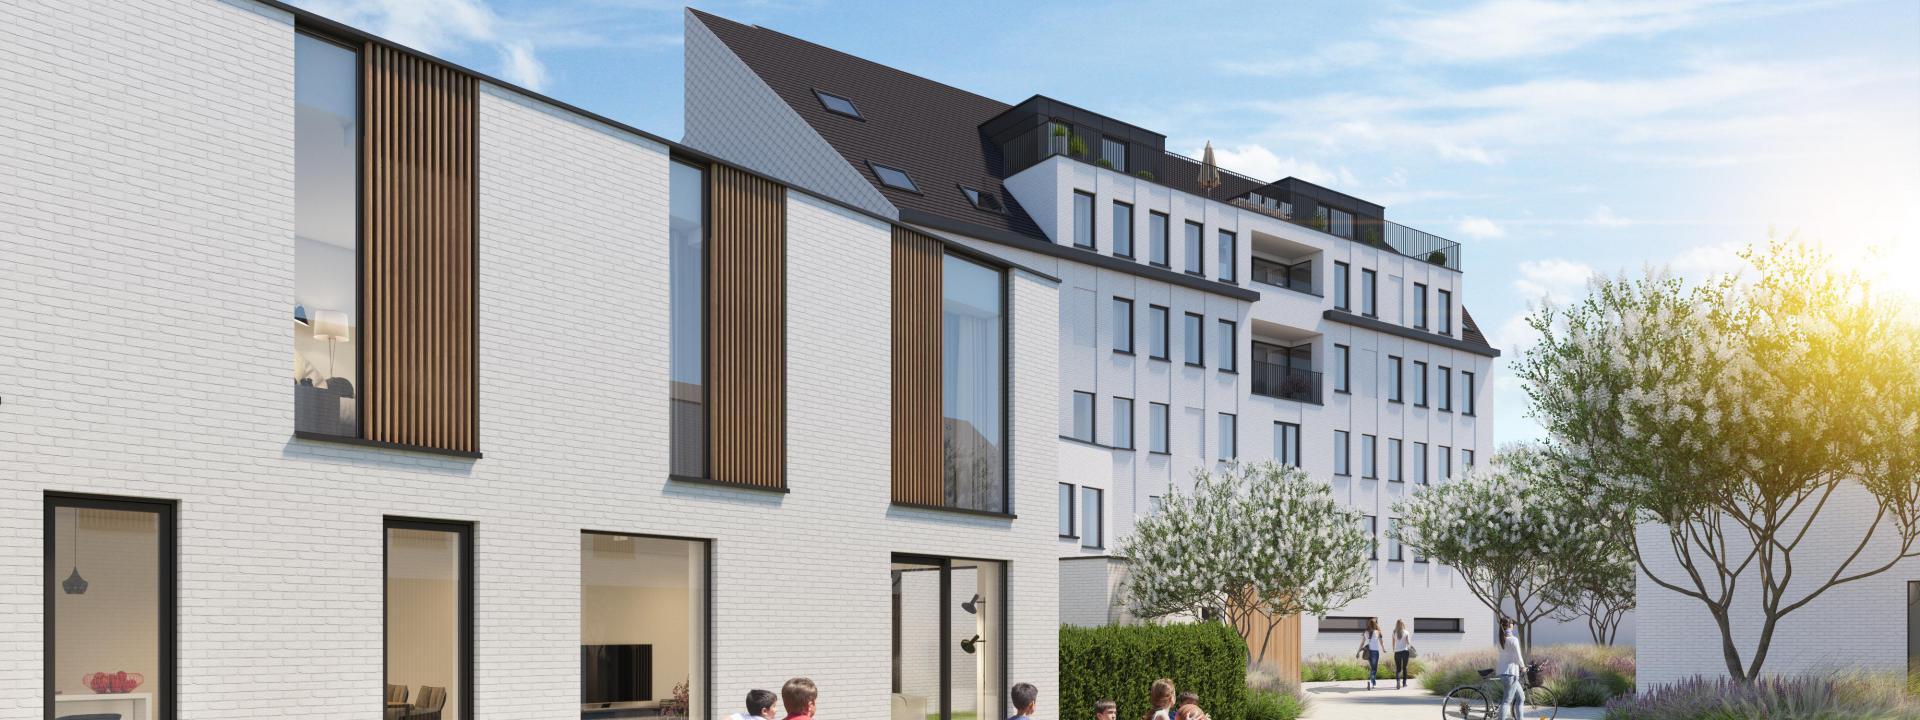 Residentie Spijkerhof